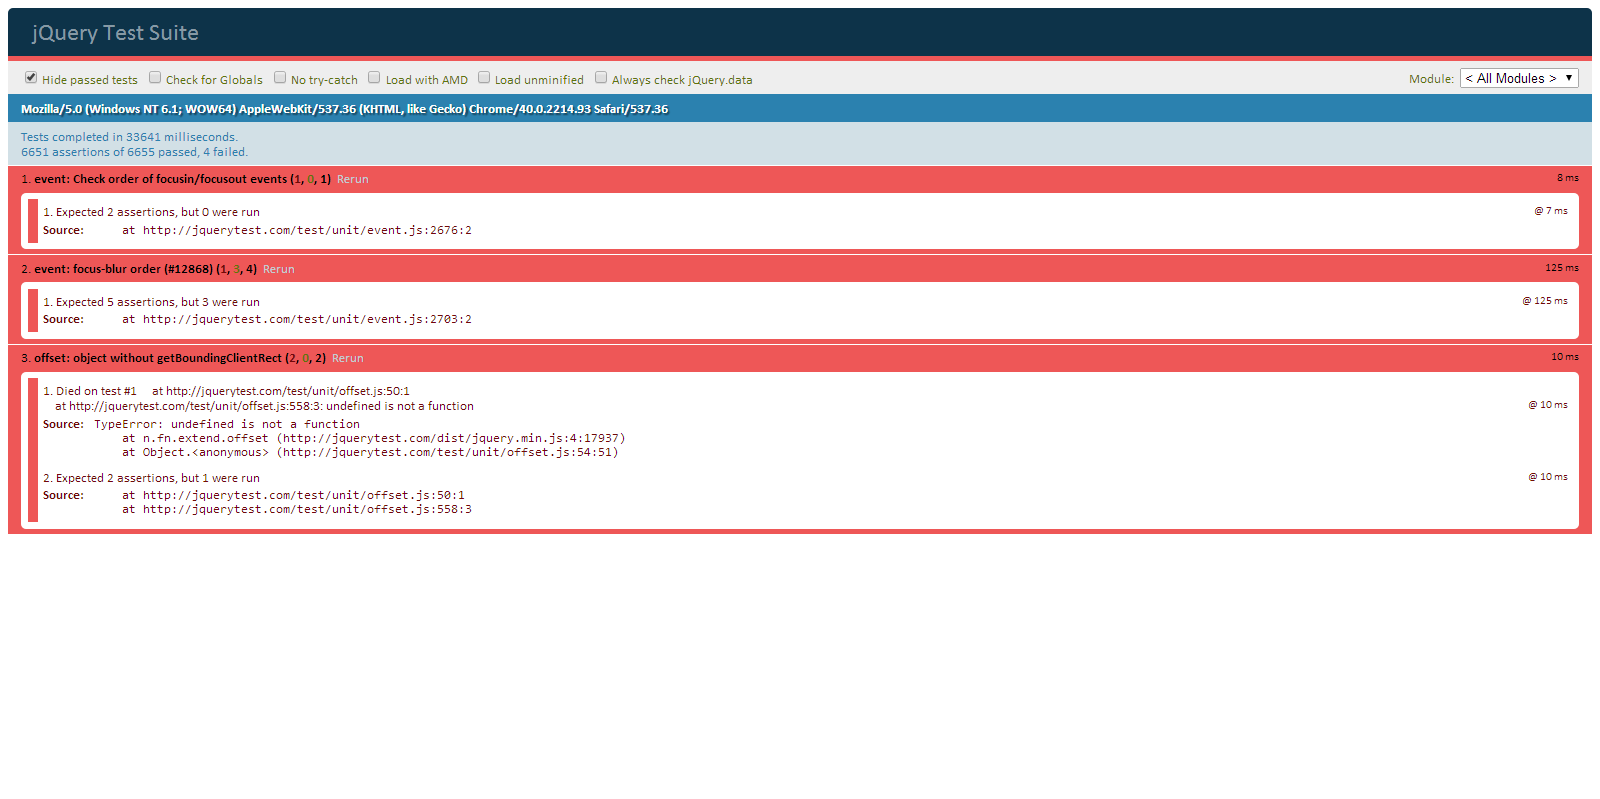 screenshot - jquerytestcom_28012015_23016